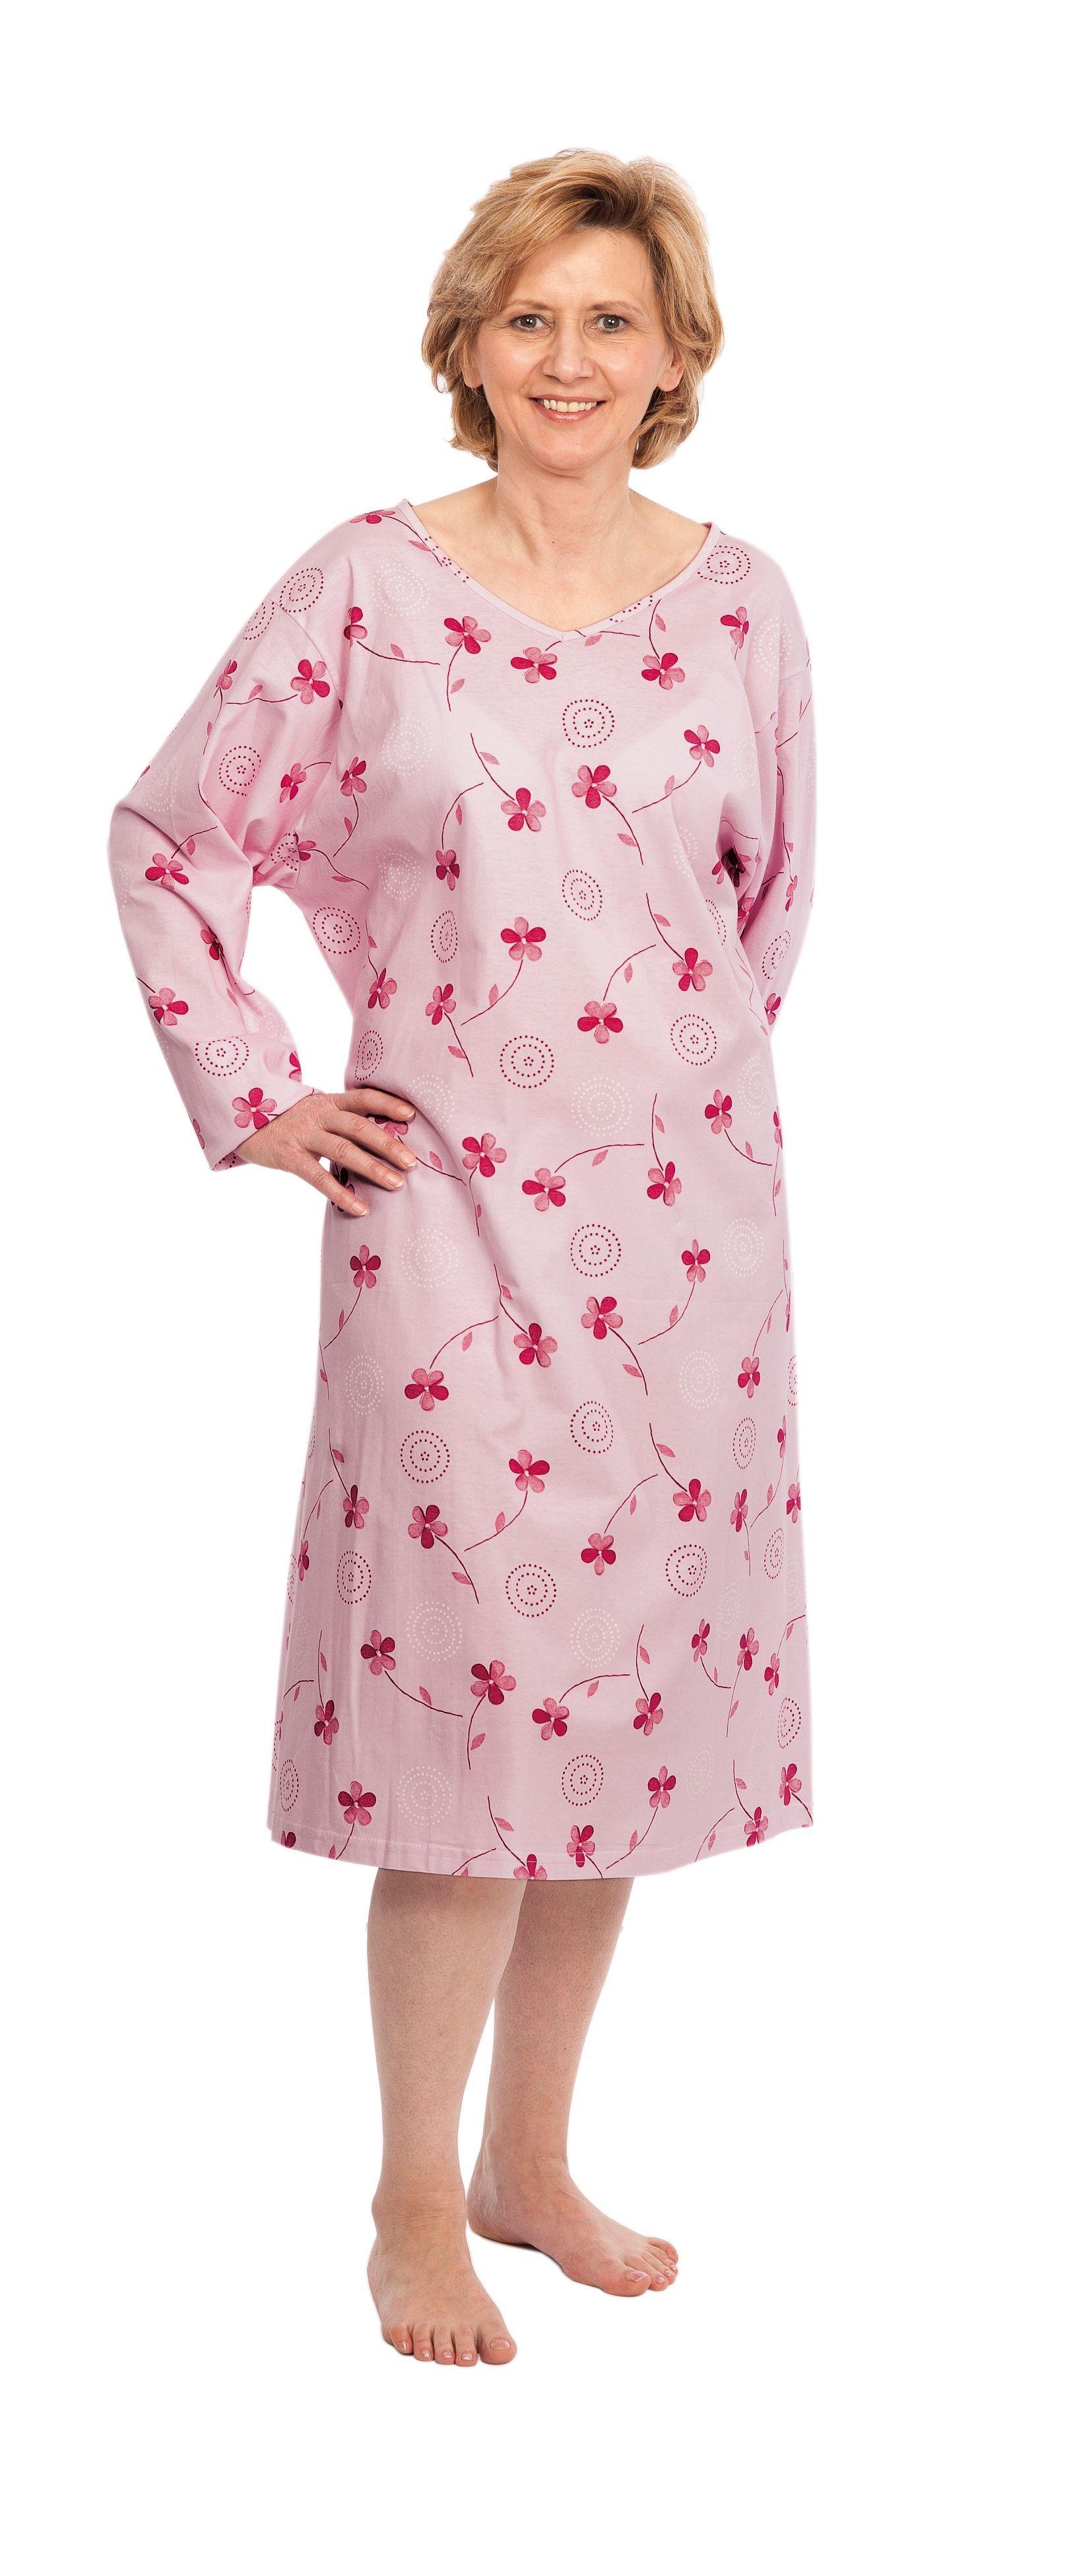 95bcfec09e Suprima 4079 Pflegehemd Herren Halbarm, 100 % BW, Pyjama ...